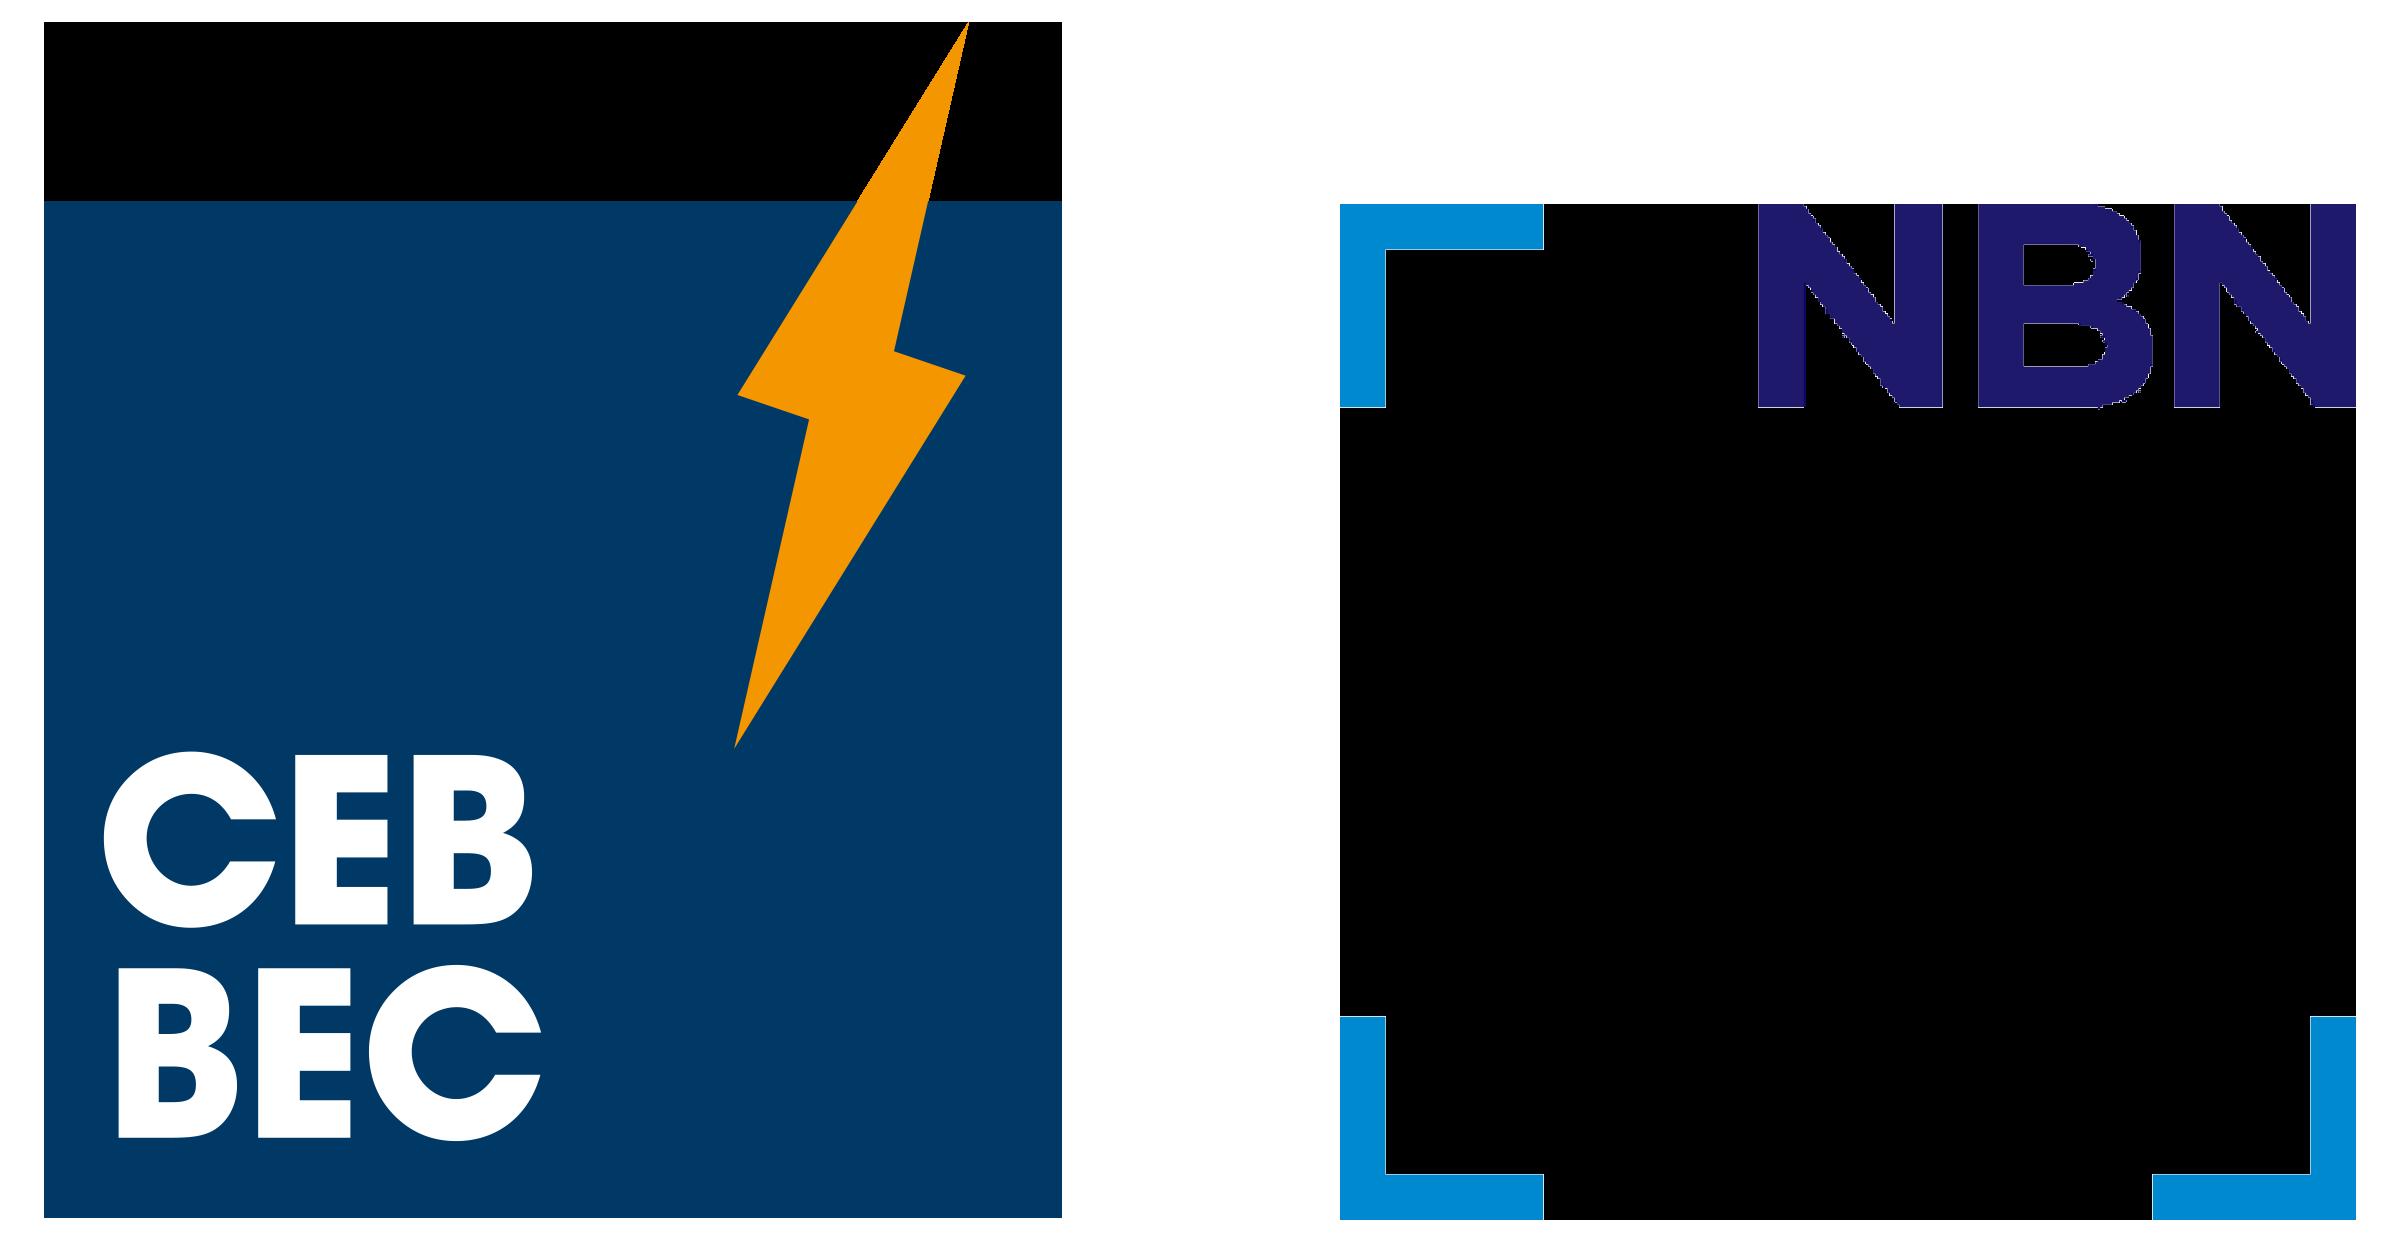 logos CEBBEC & NBN